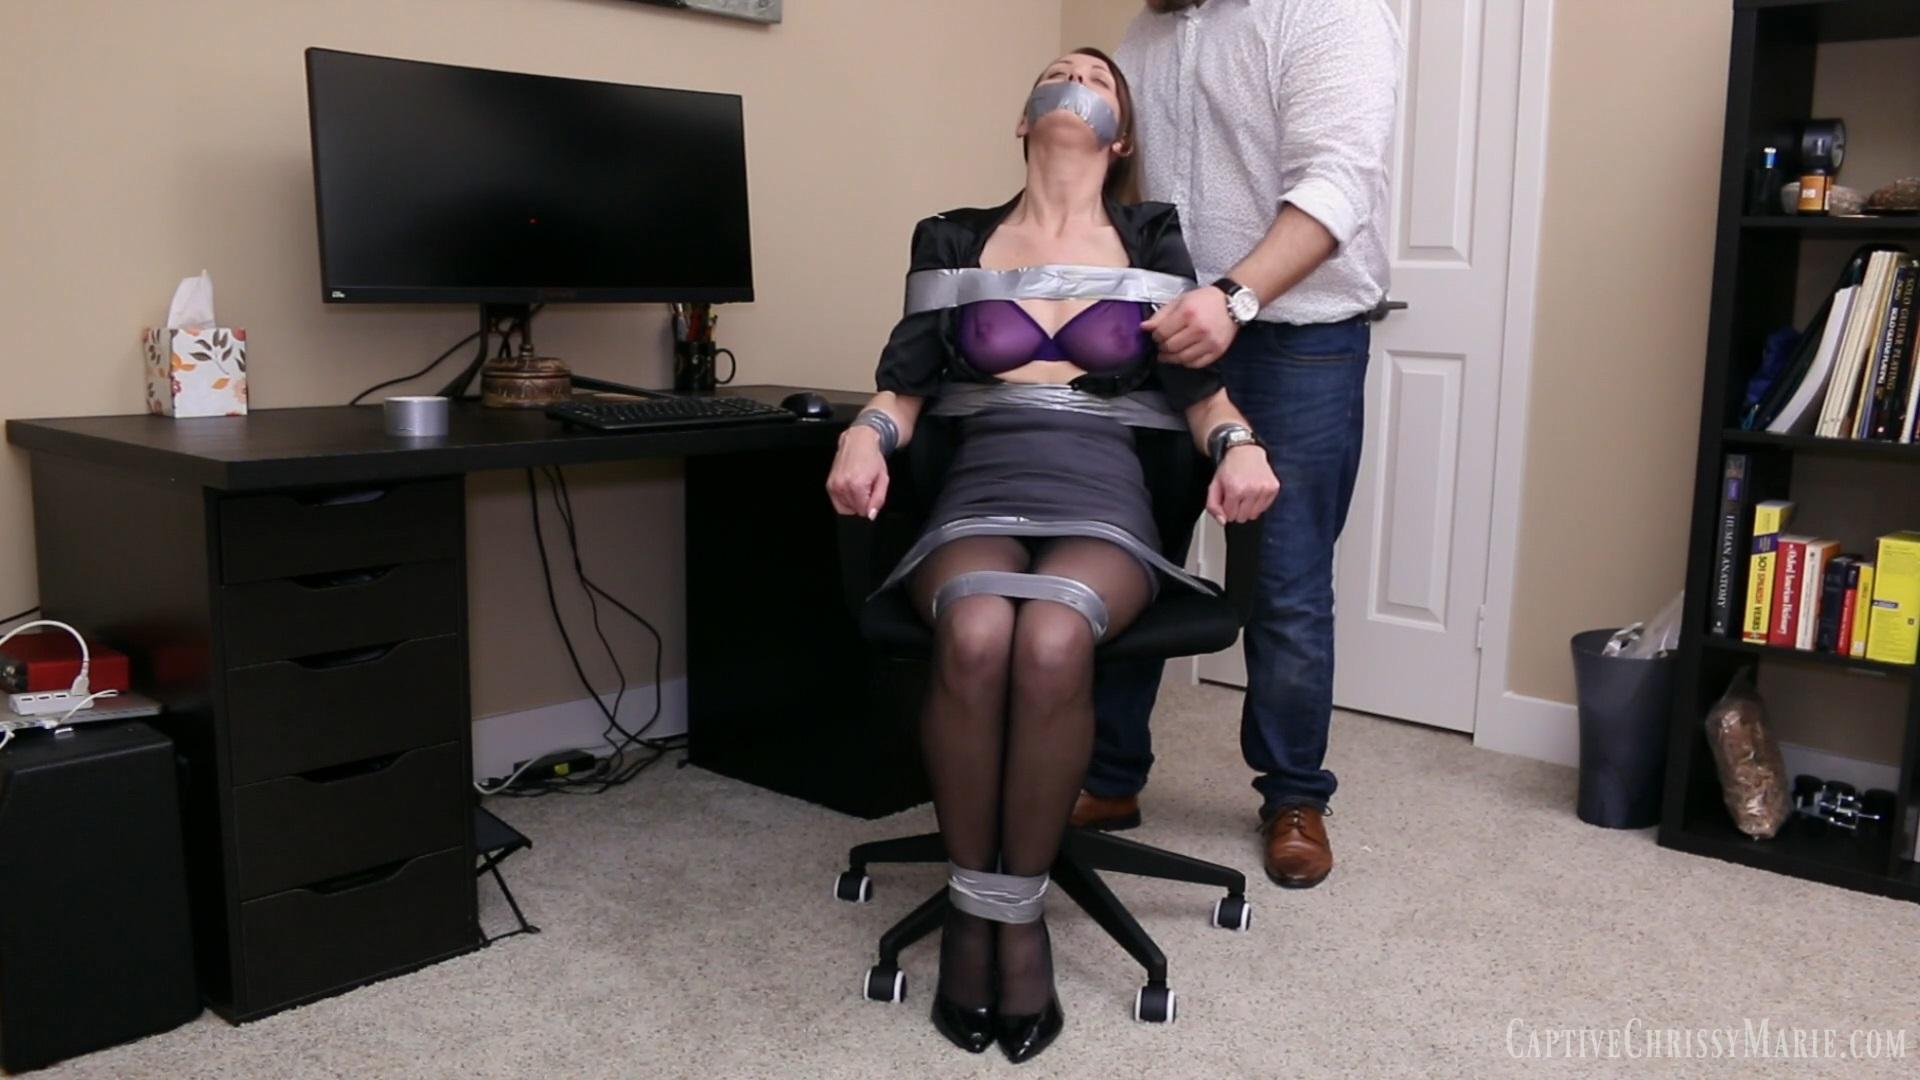 Secretary Bound For Discipline